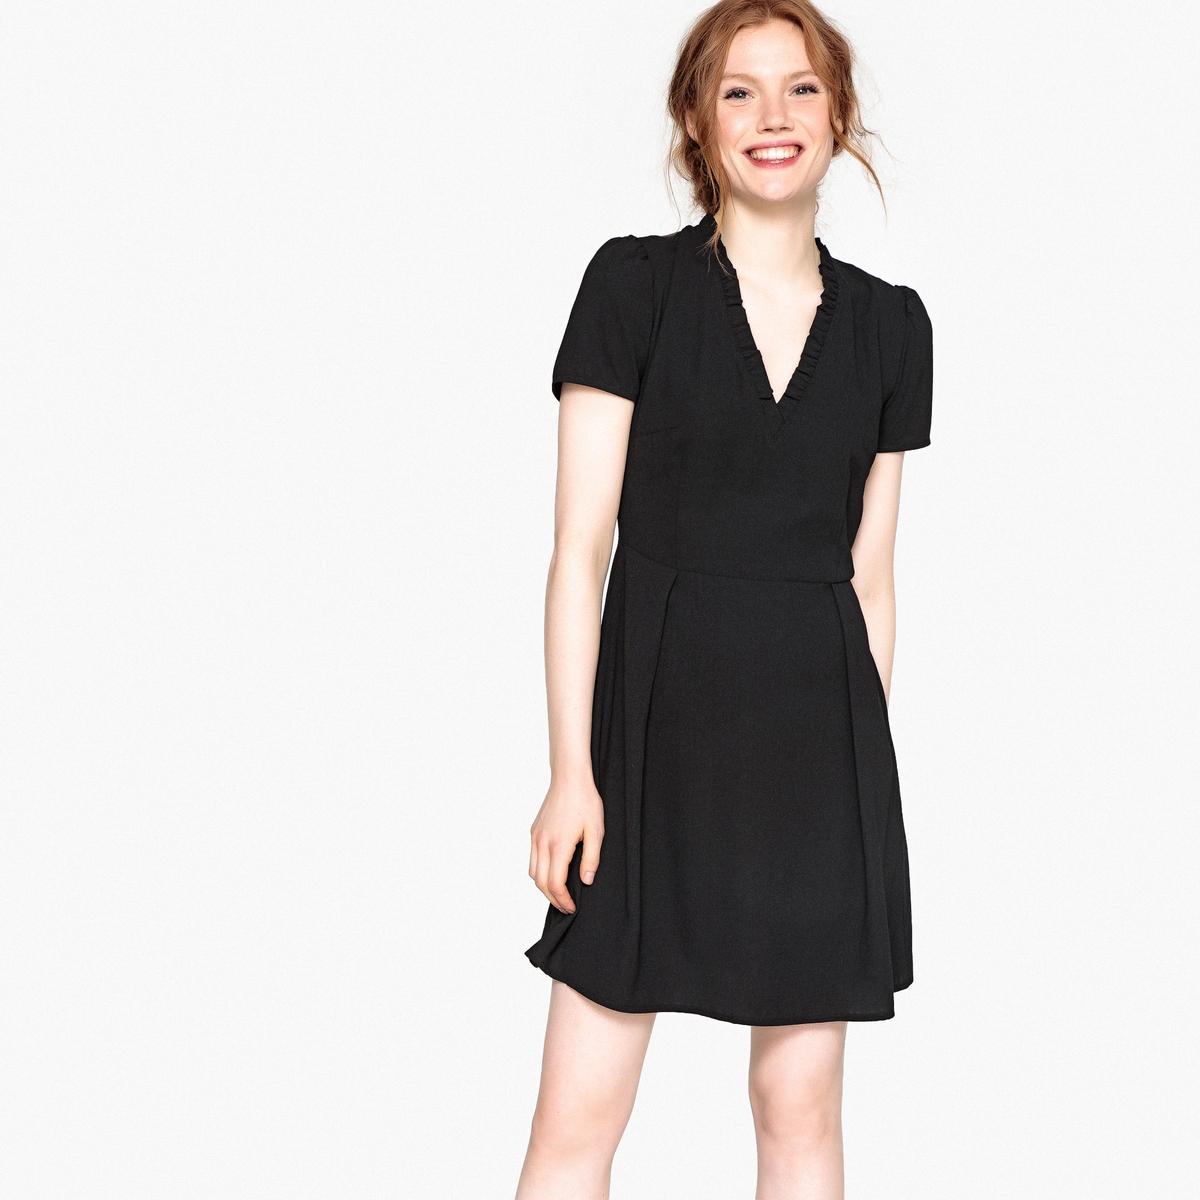 купить Платье расклешенное короткое с короткими рукавами по цене 3399 рублей